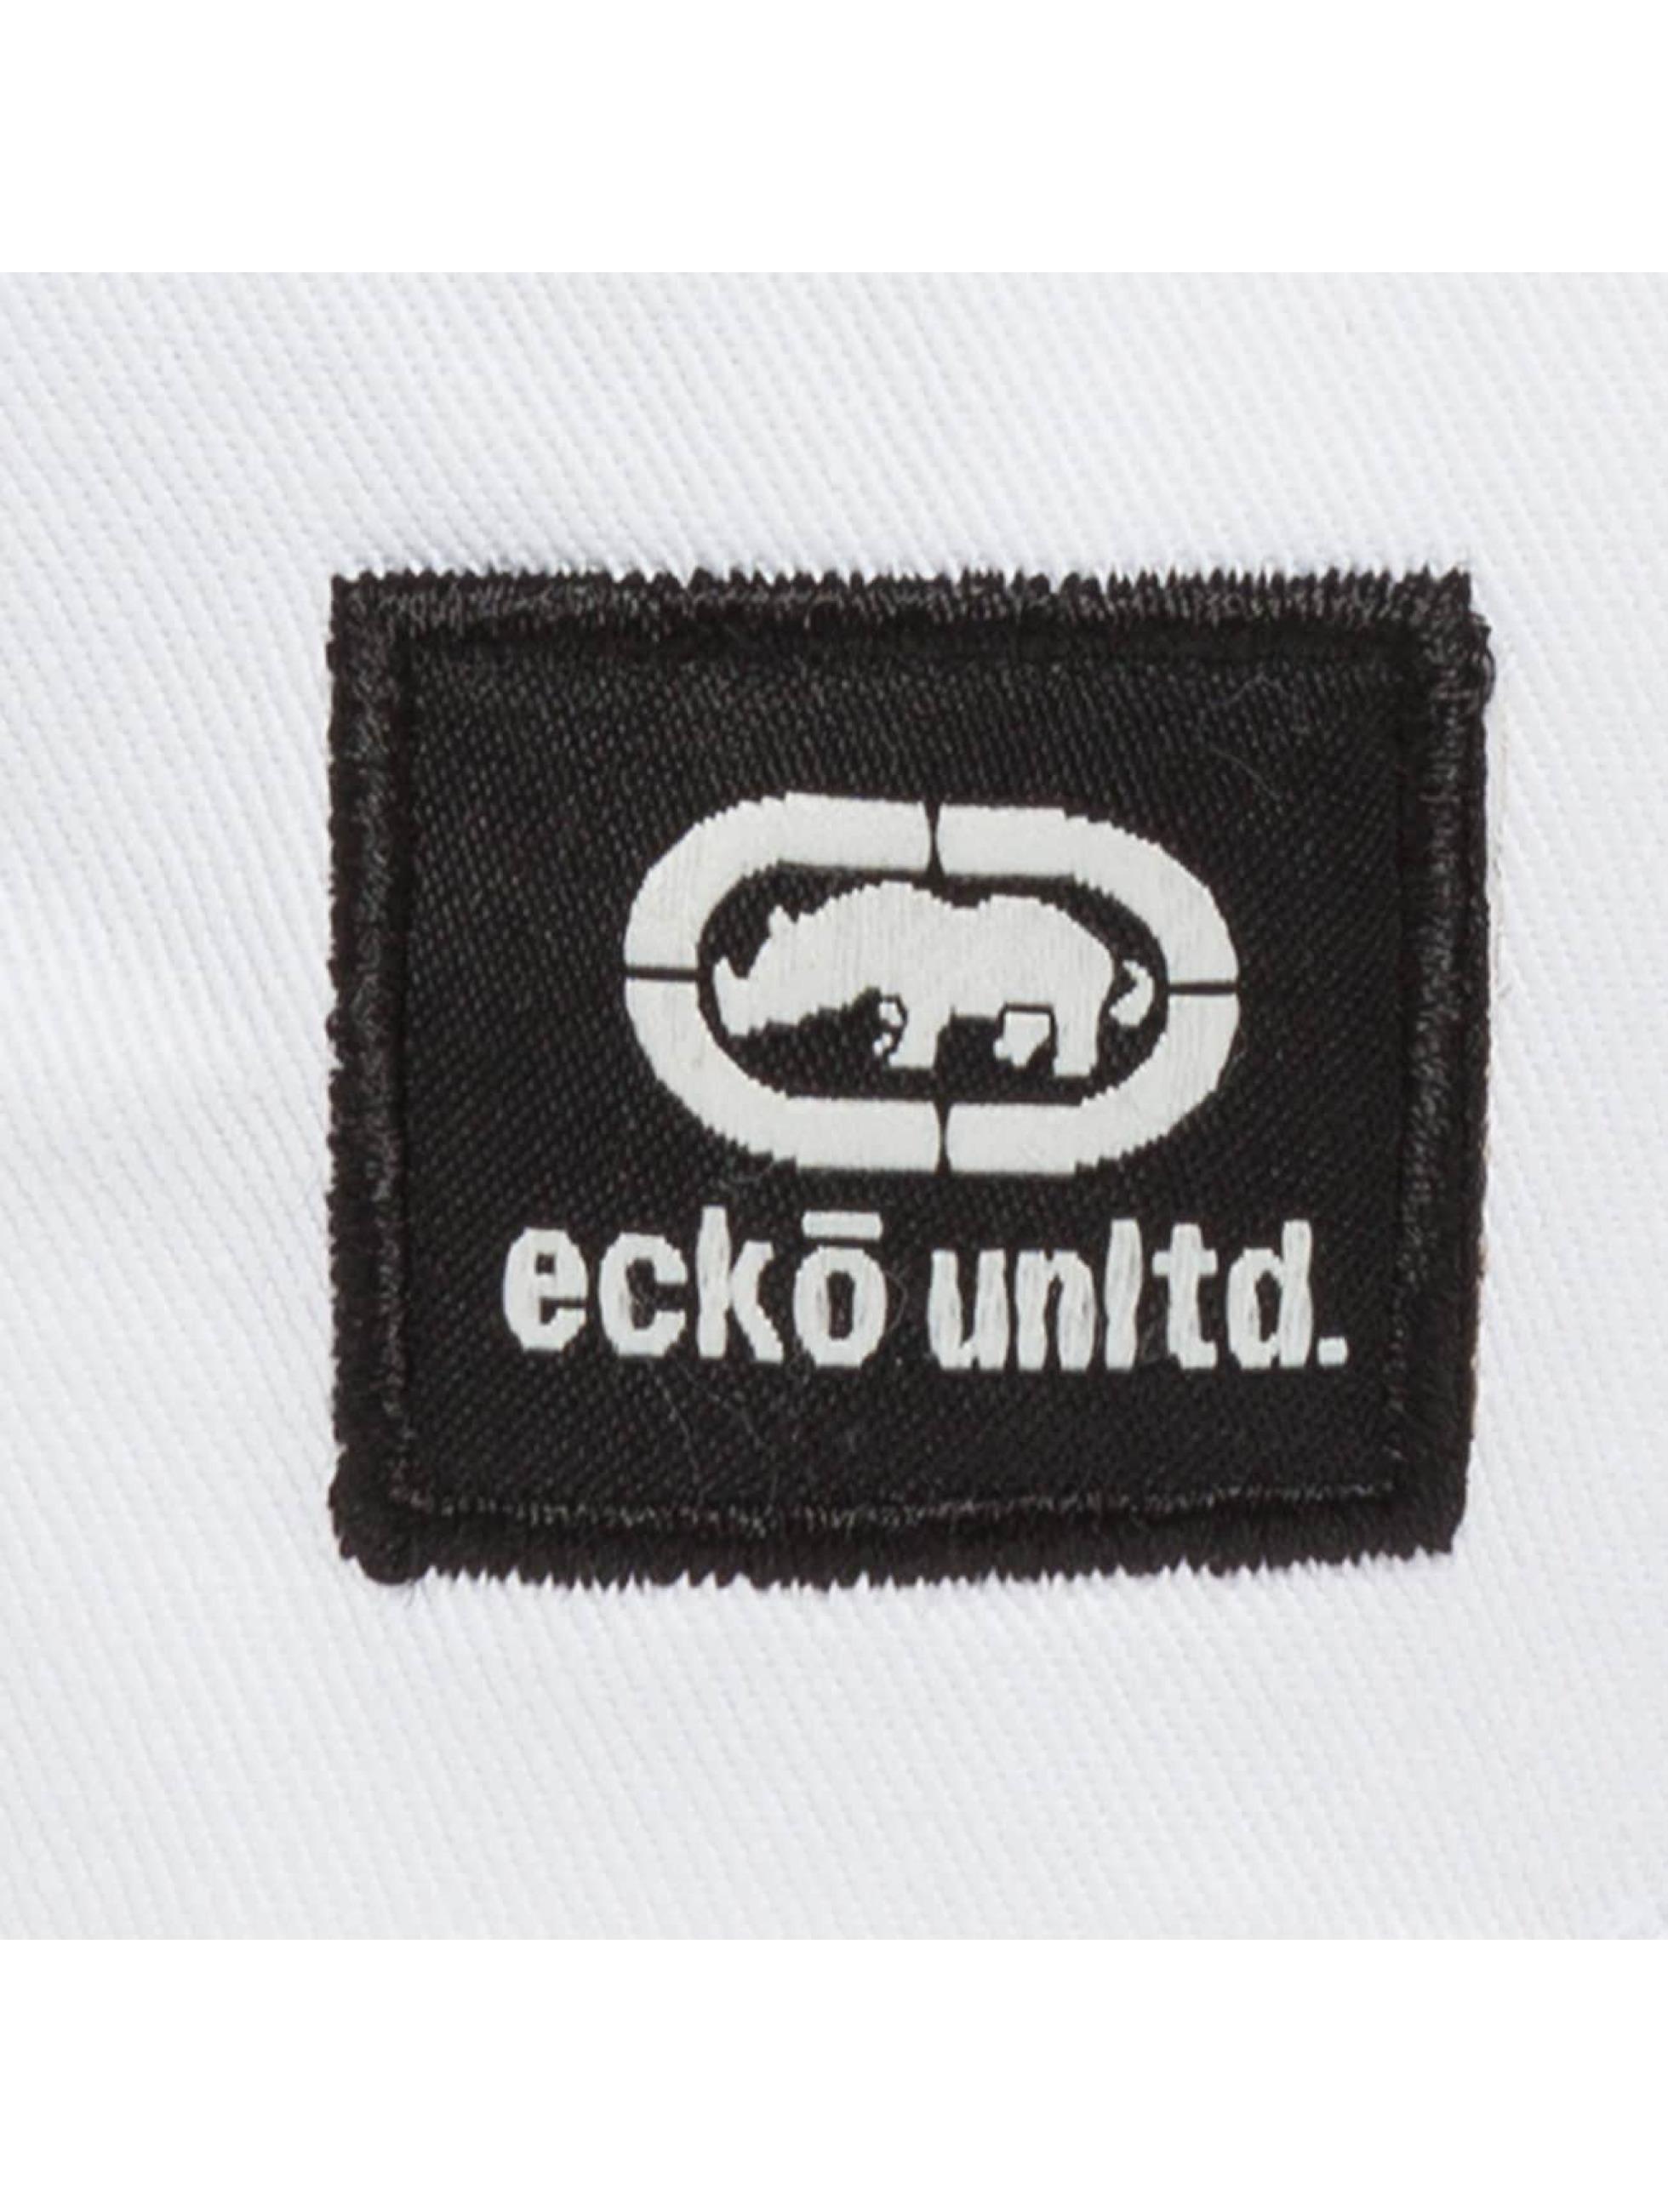 Ecko Unltd. Snapback Cap TourdÀfrique white